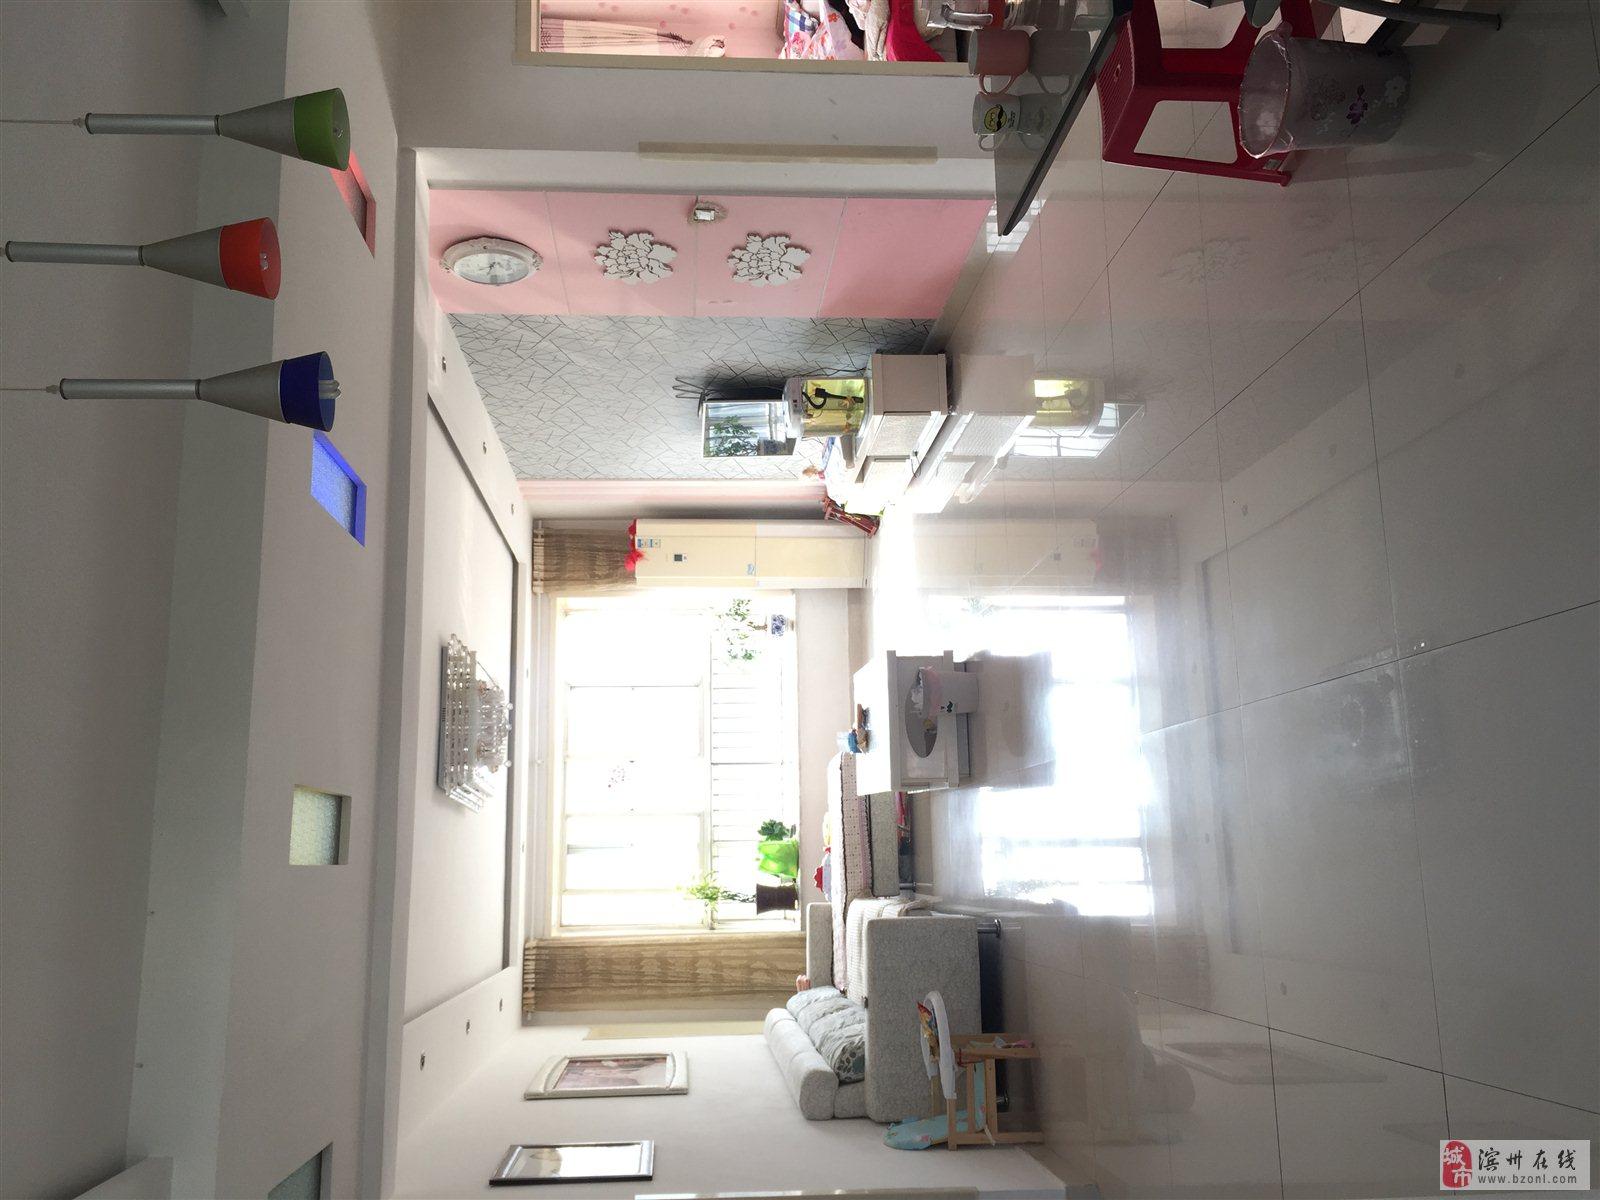 山柳杜5楼90平,6楼40平,有储藏室,仅售40万